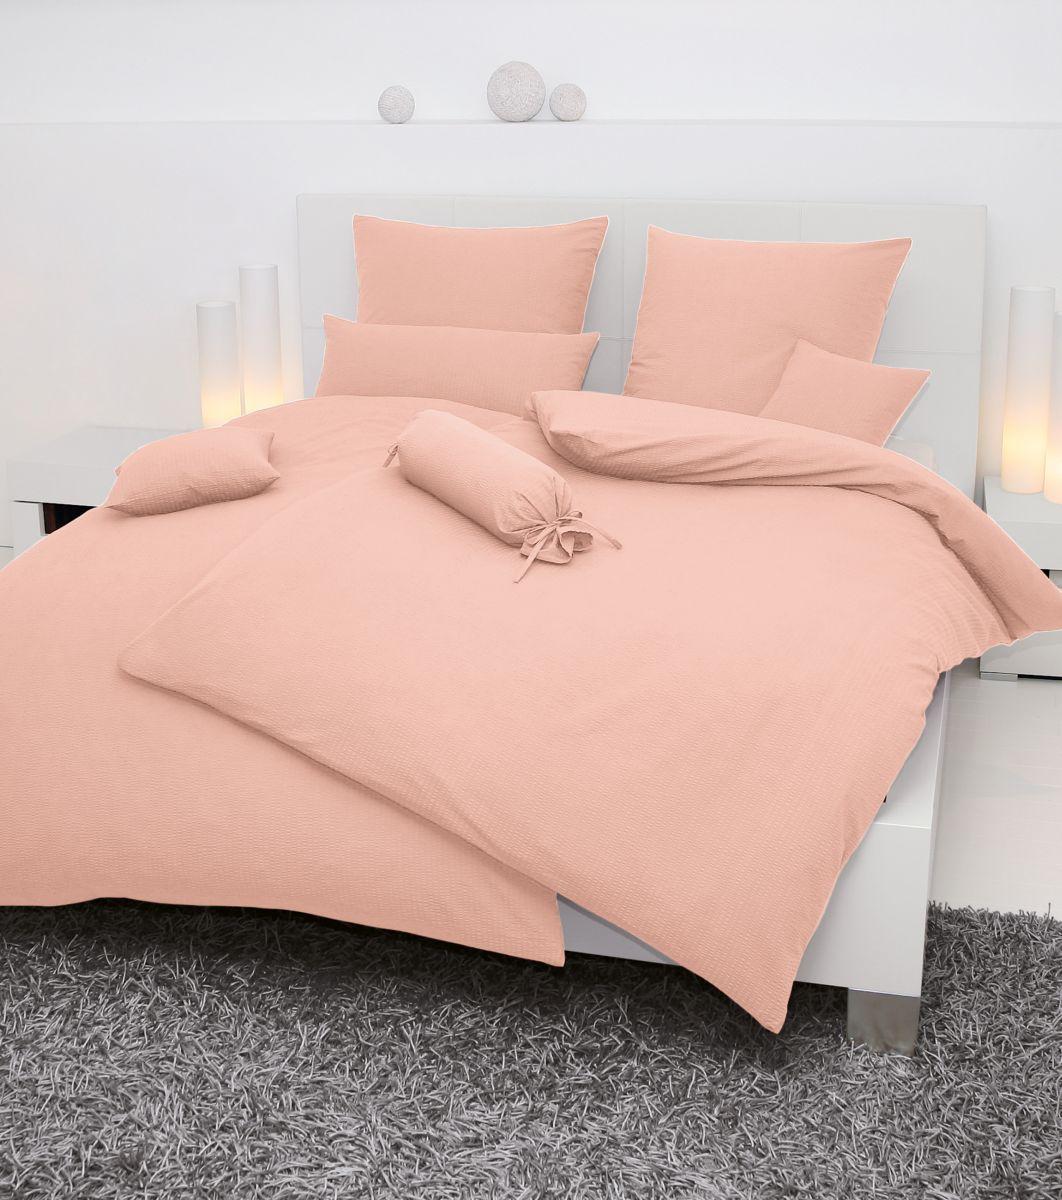 hochwertige tapeten und stoffe mako soft seersucker. Black Bedroom Furniture Sets. Home Design Ideas